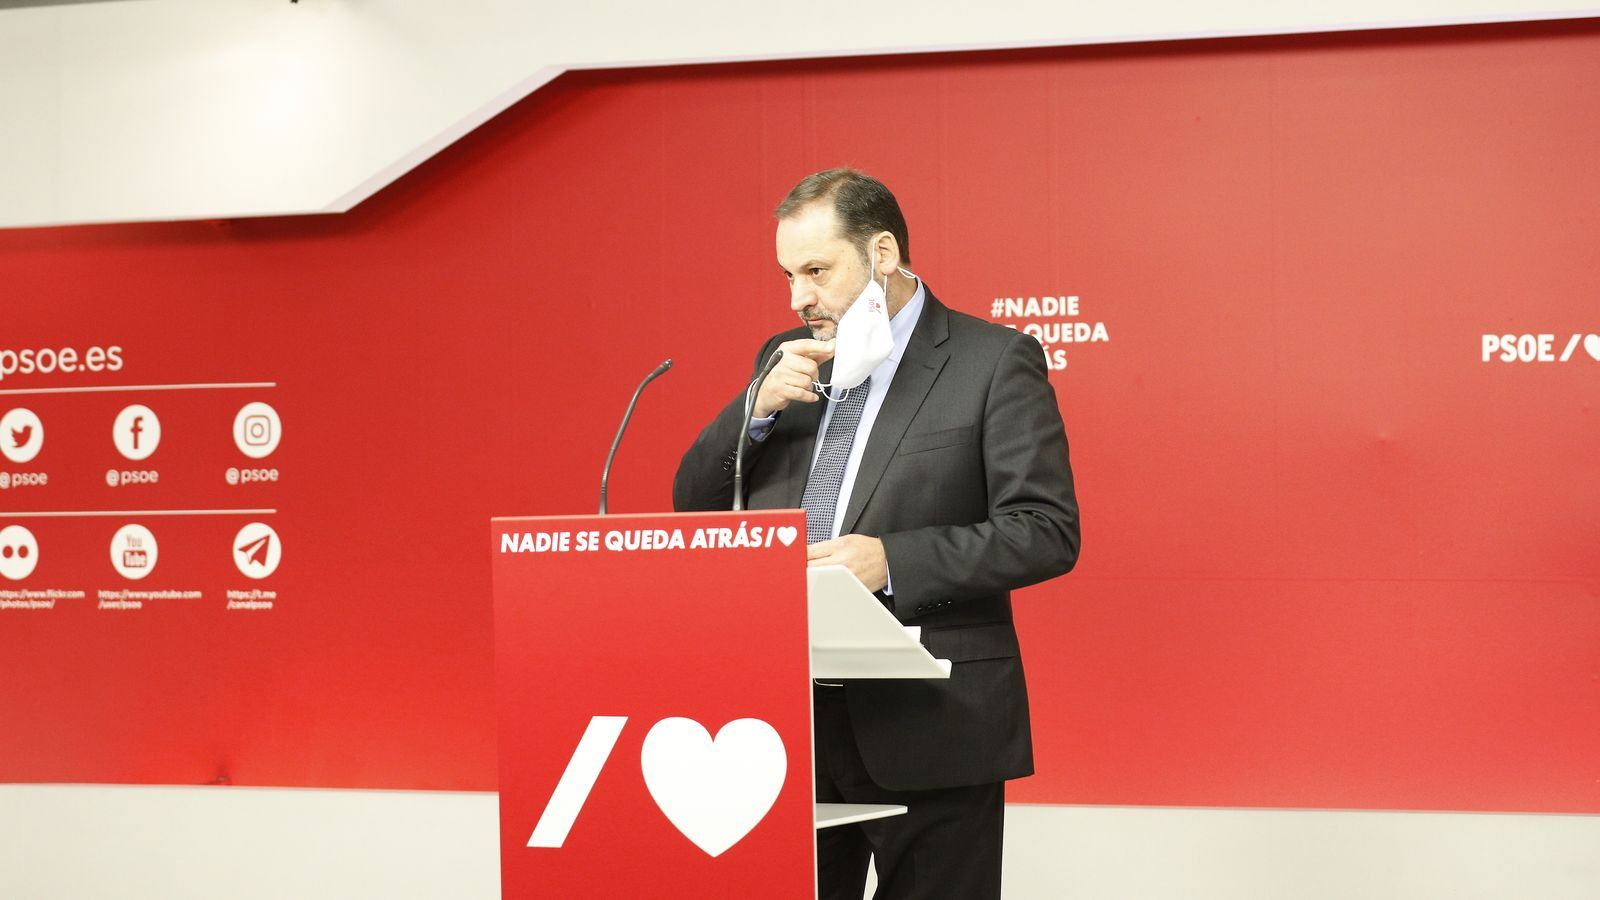 El secretari d'organització del PSOE, el ministre José Luis Ábalos, en roda de premsa des de Ferraz.